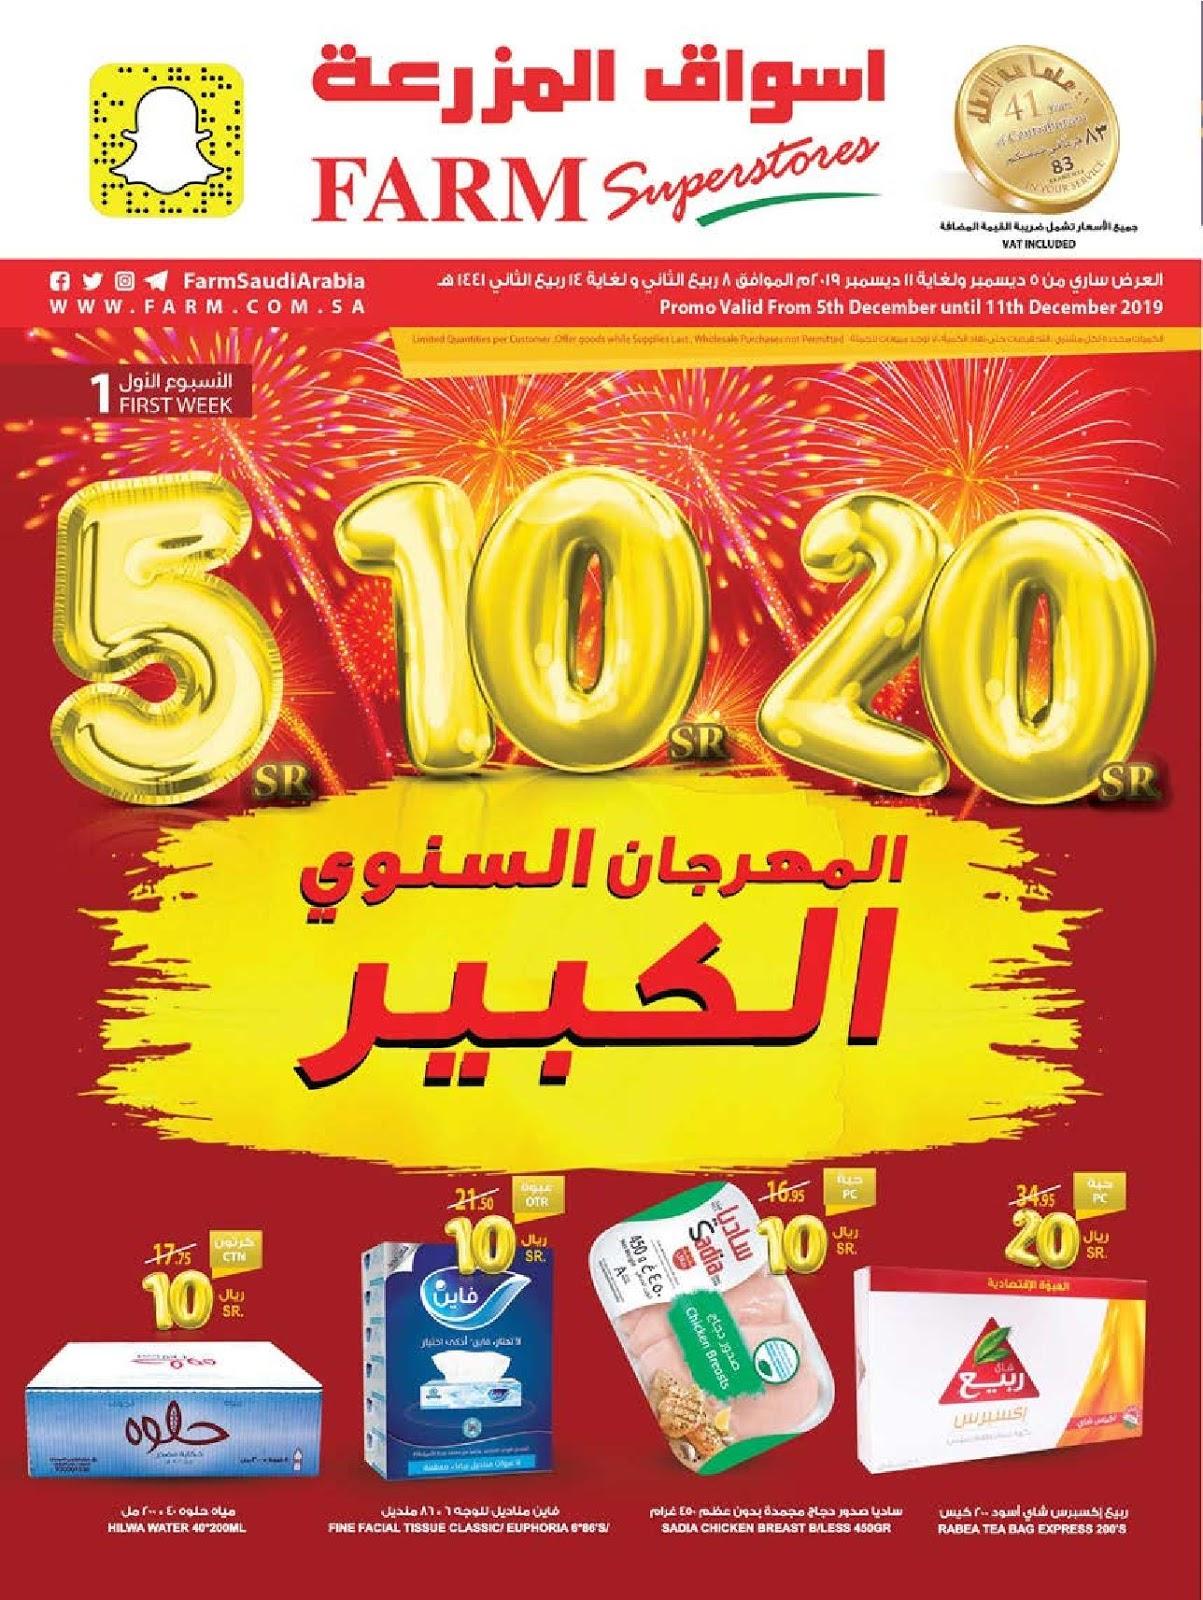 عروض اسواق المزرعة الرياض و المنطقة الشرقية و عرعر الاسبوعية السعودية من 5 ديسمبر حتى 11 ديسمبر 2019 المهرجان السنوى الكبير